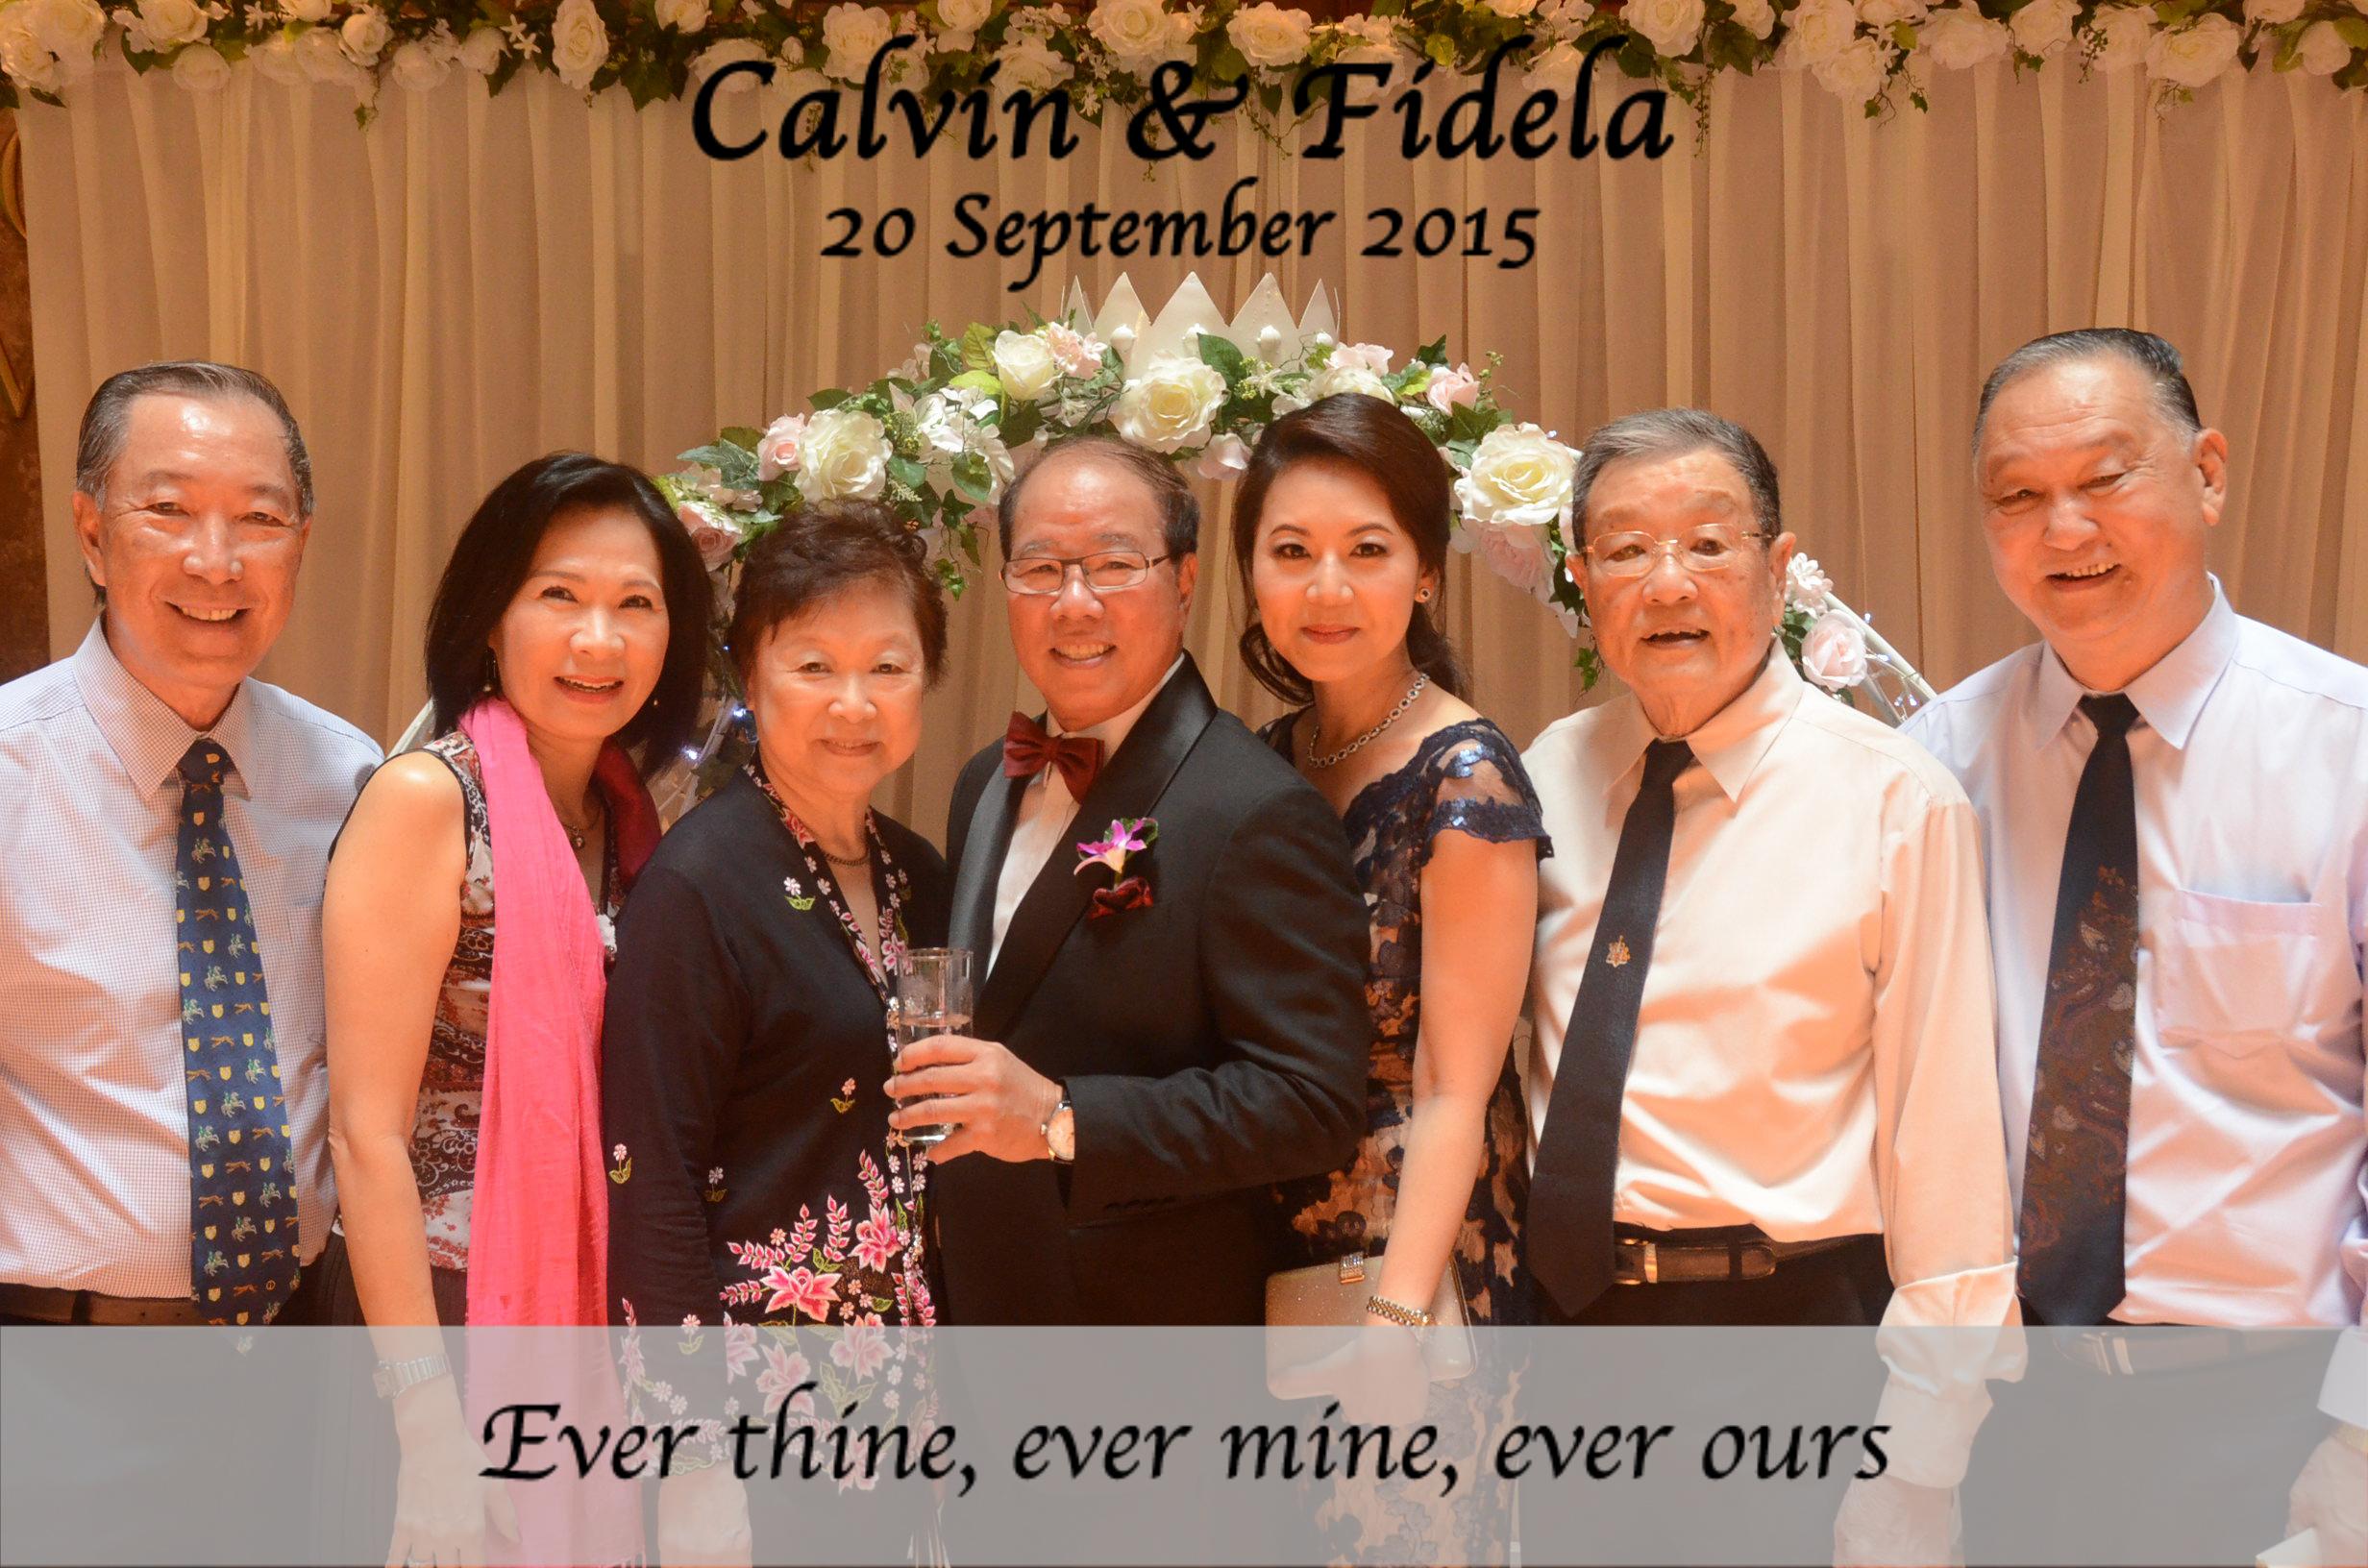 Calvin & Fidela-37.jpg